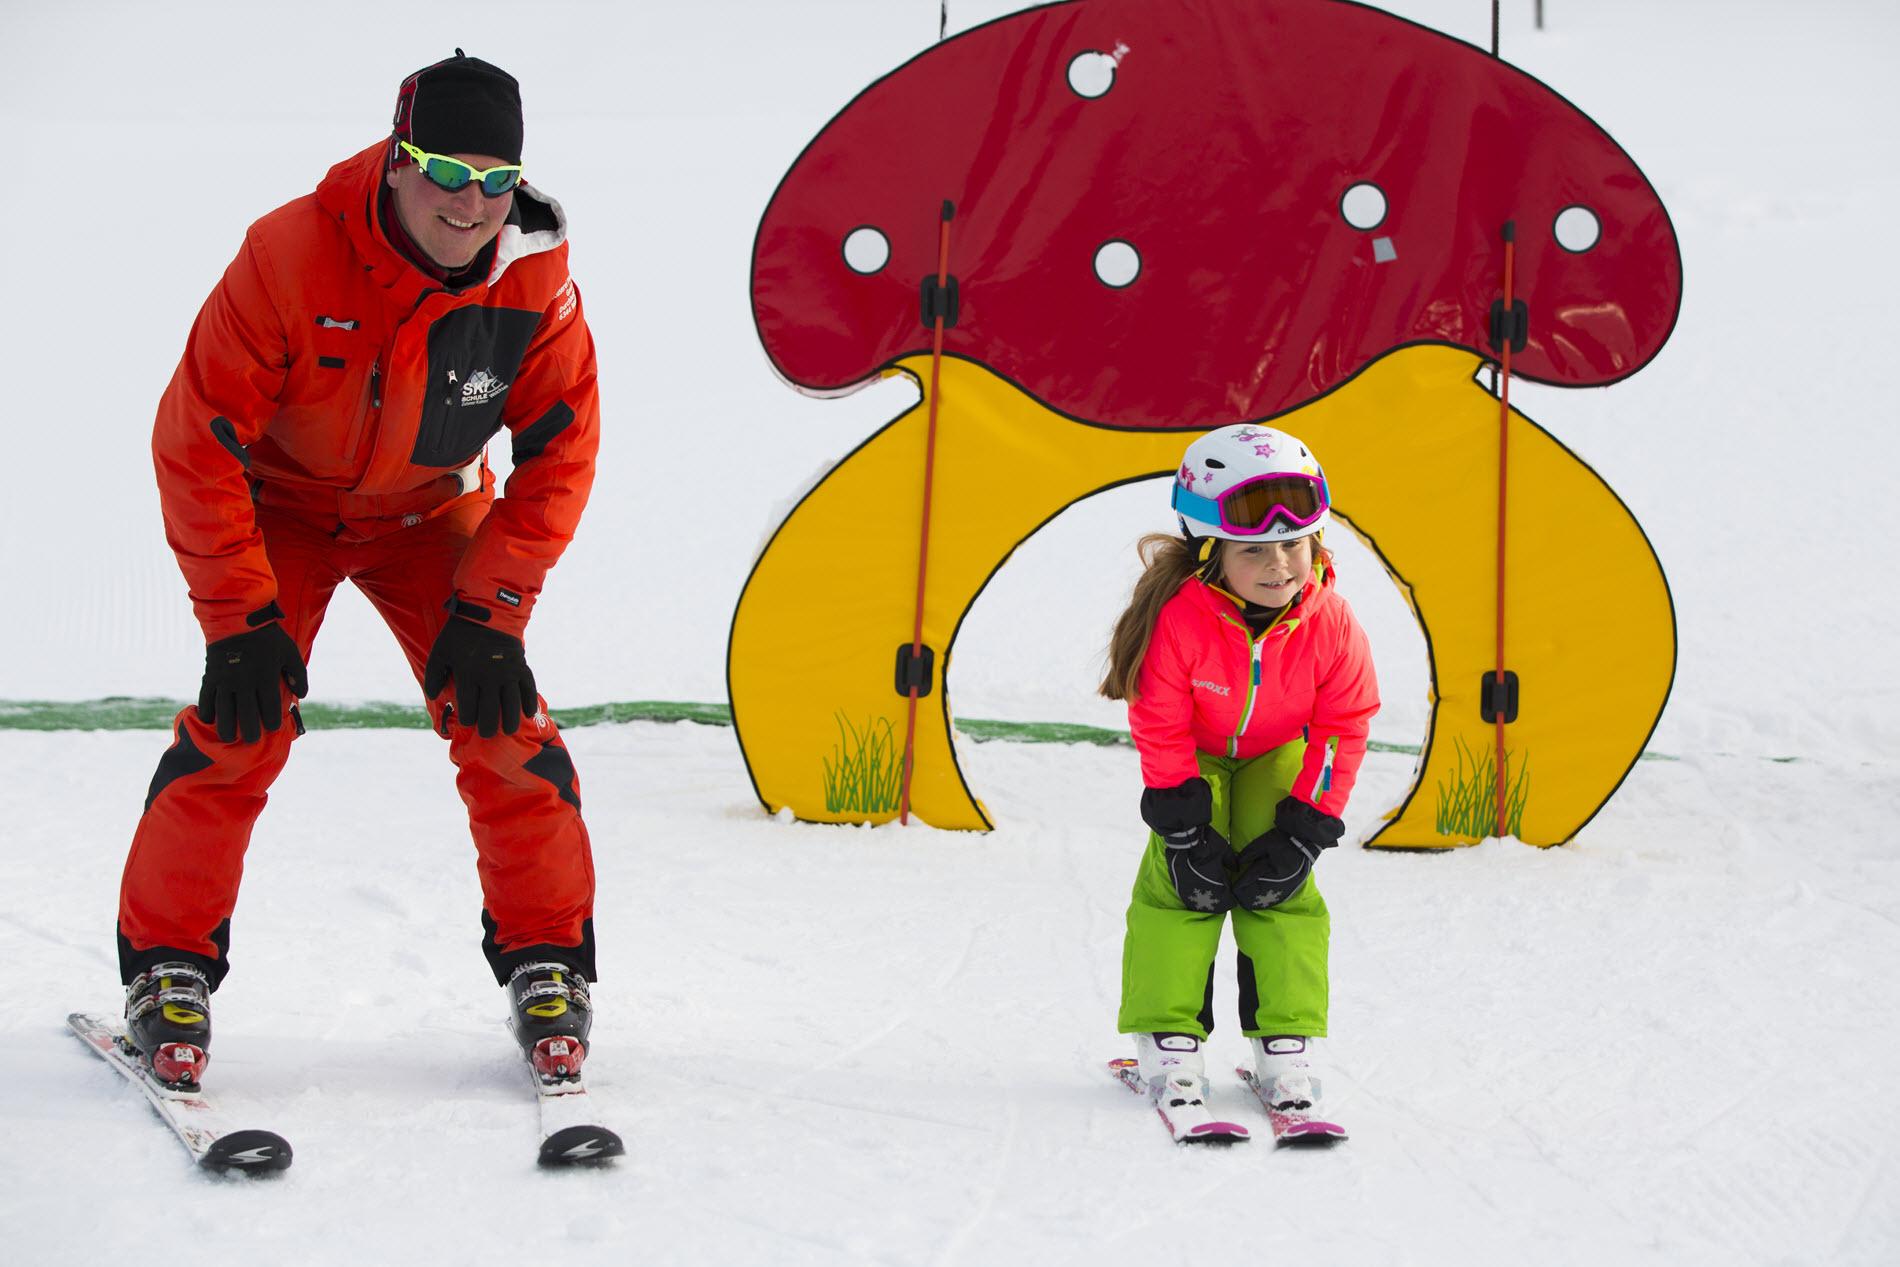 _N1A2707_BB_Kaiserwinkl-Tirol-Skifahren-Familie_Skikurs-maedchen